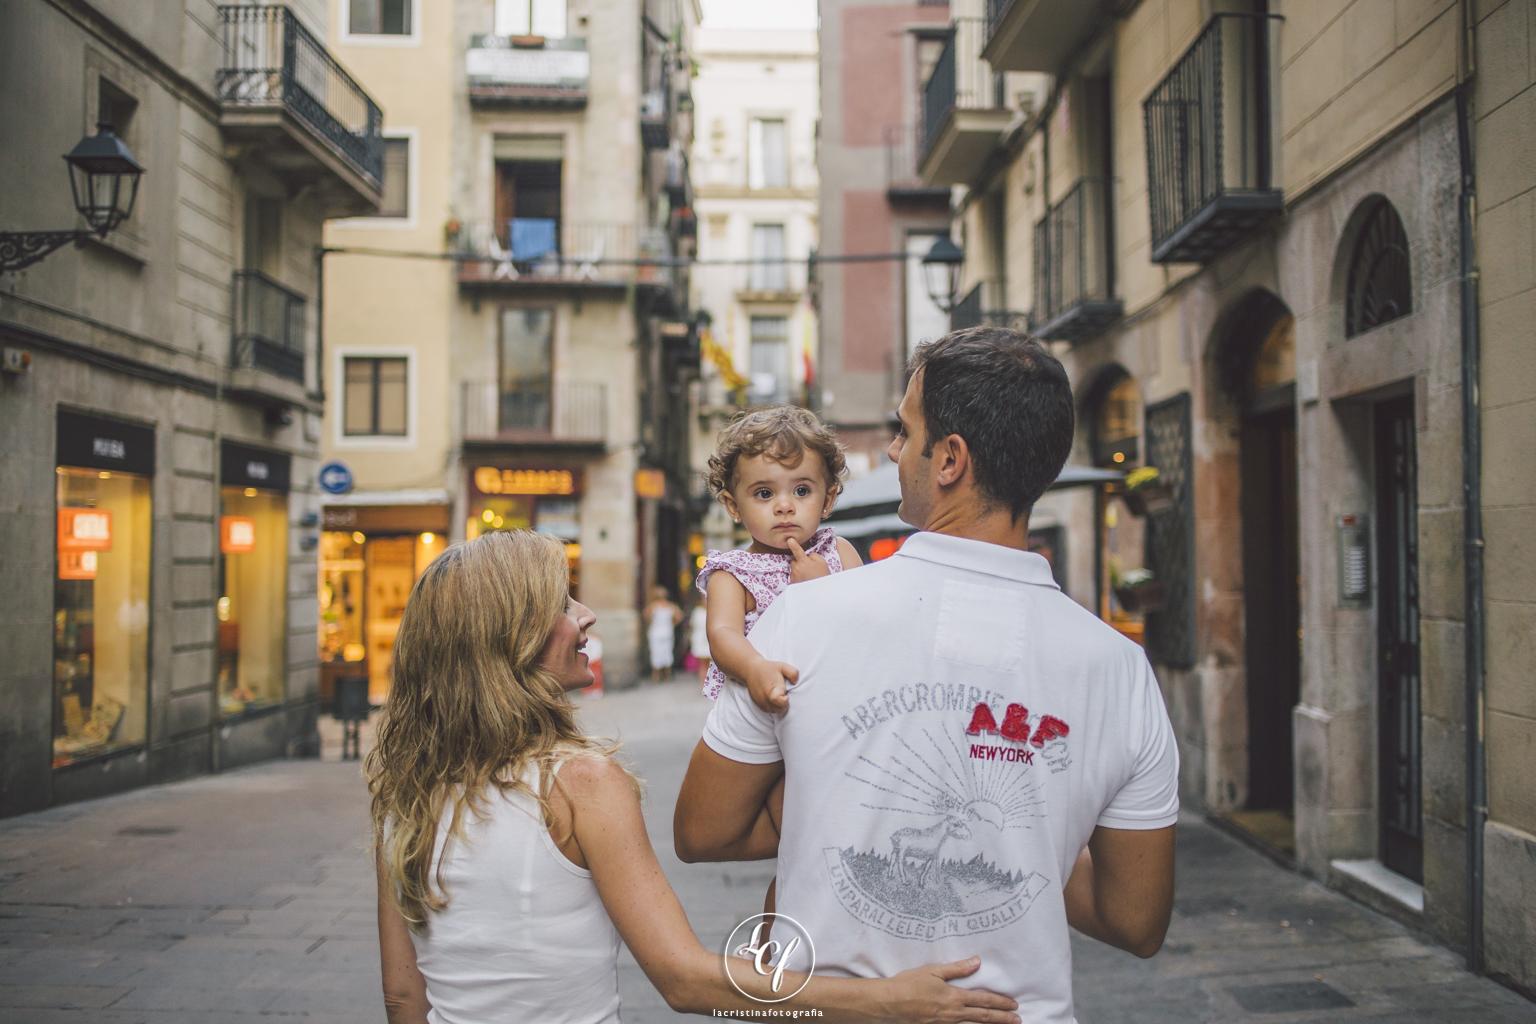 Fotógrafo de familia :: Gótico de Barcelona :: Fotografía familiar :: Reportaje familiar diferente :: Fotógrafo en Barcelona :: Barrio Gótico :: Gothic Quarter :: Best Barcelona Photographer